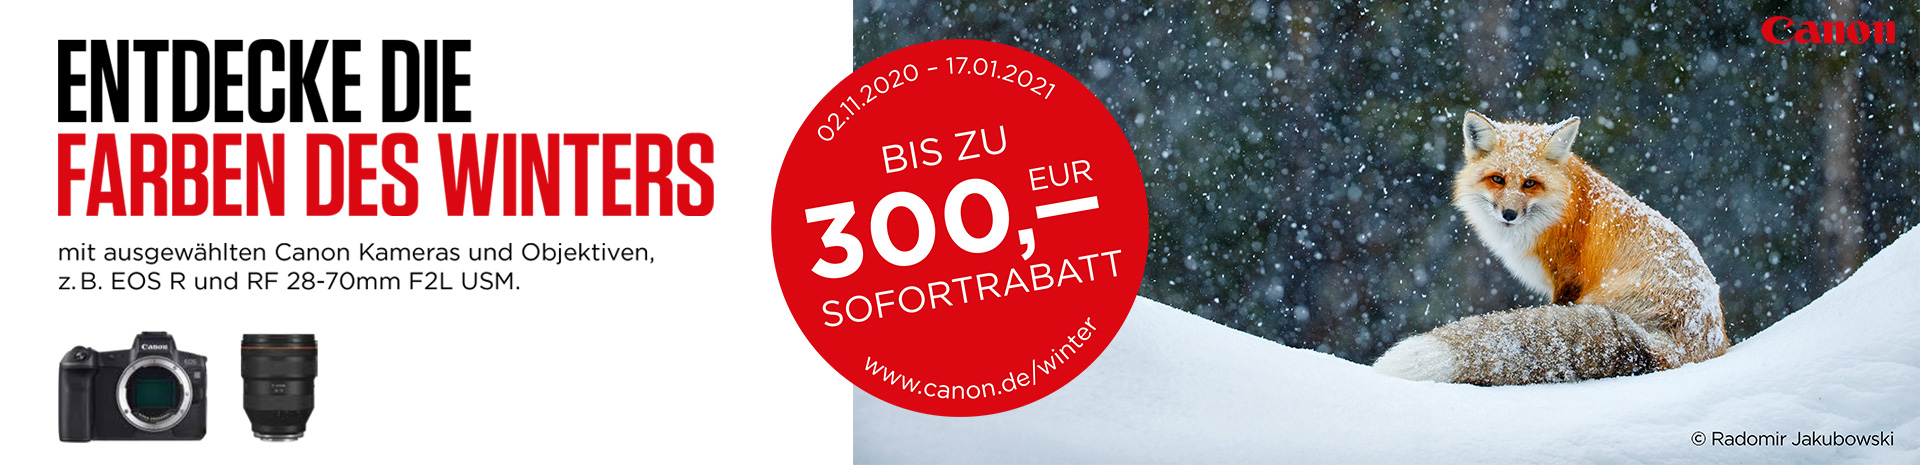 Canon Winter Sofortrabatt Aktion